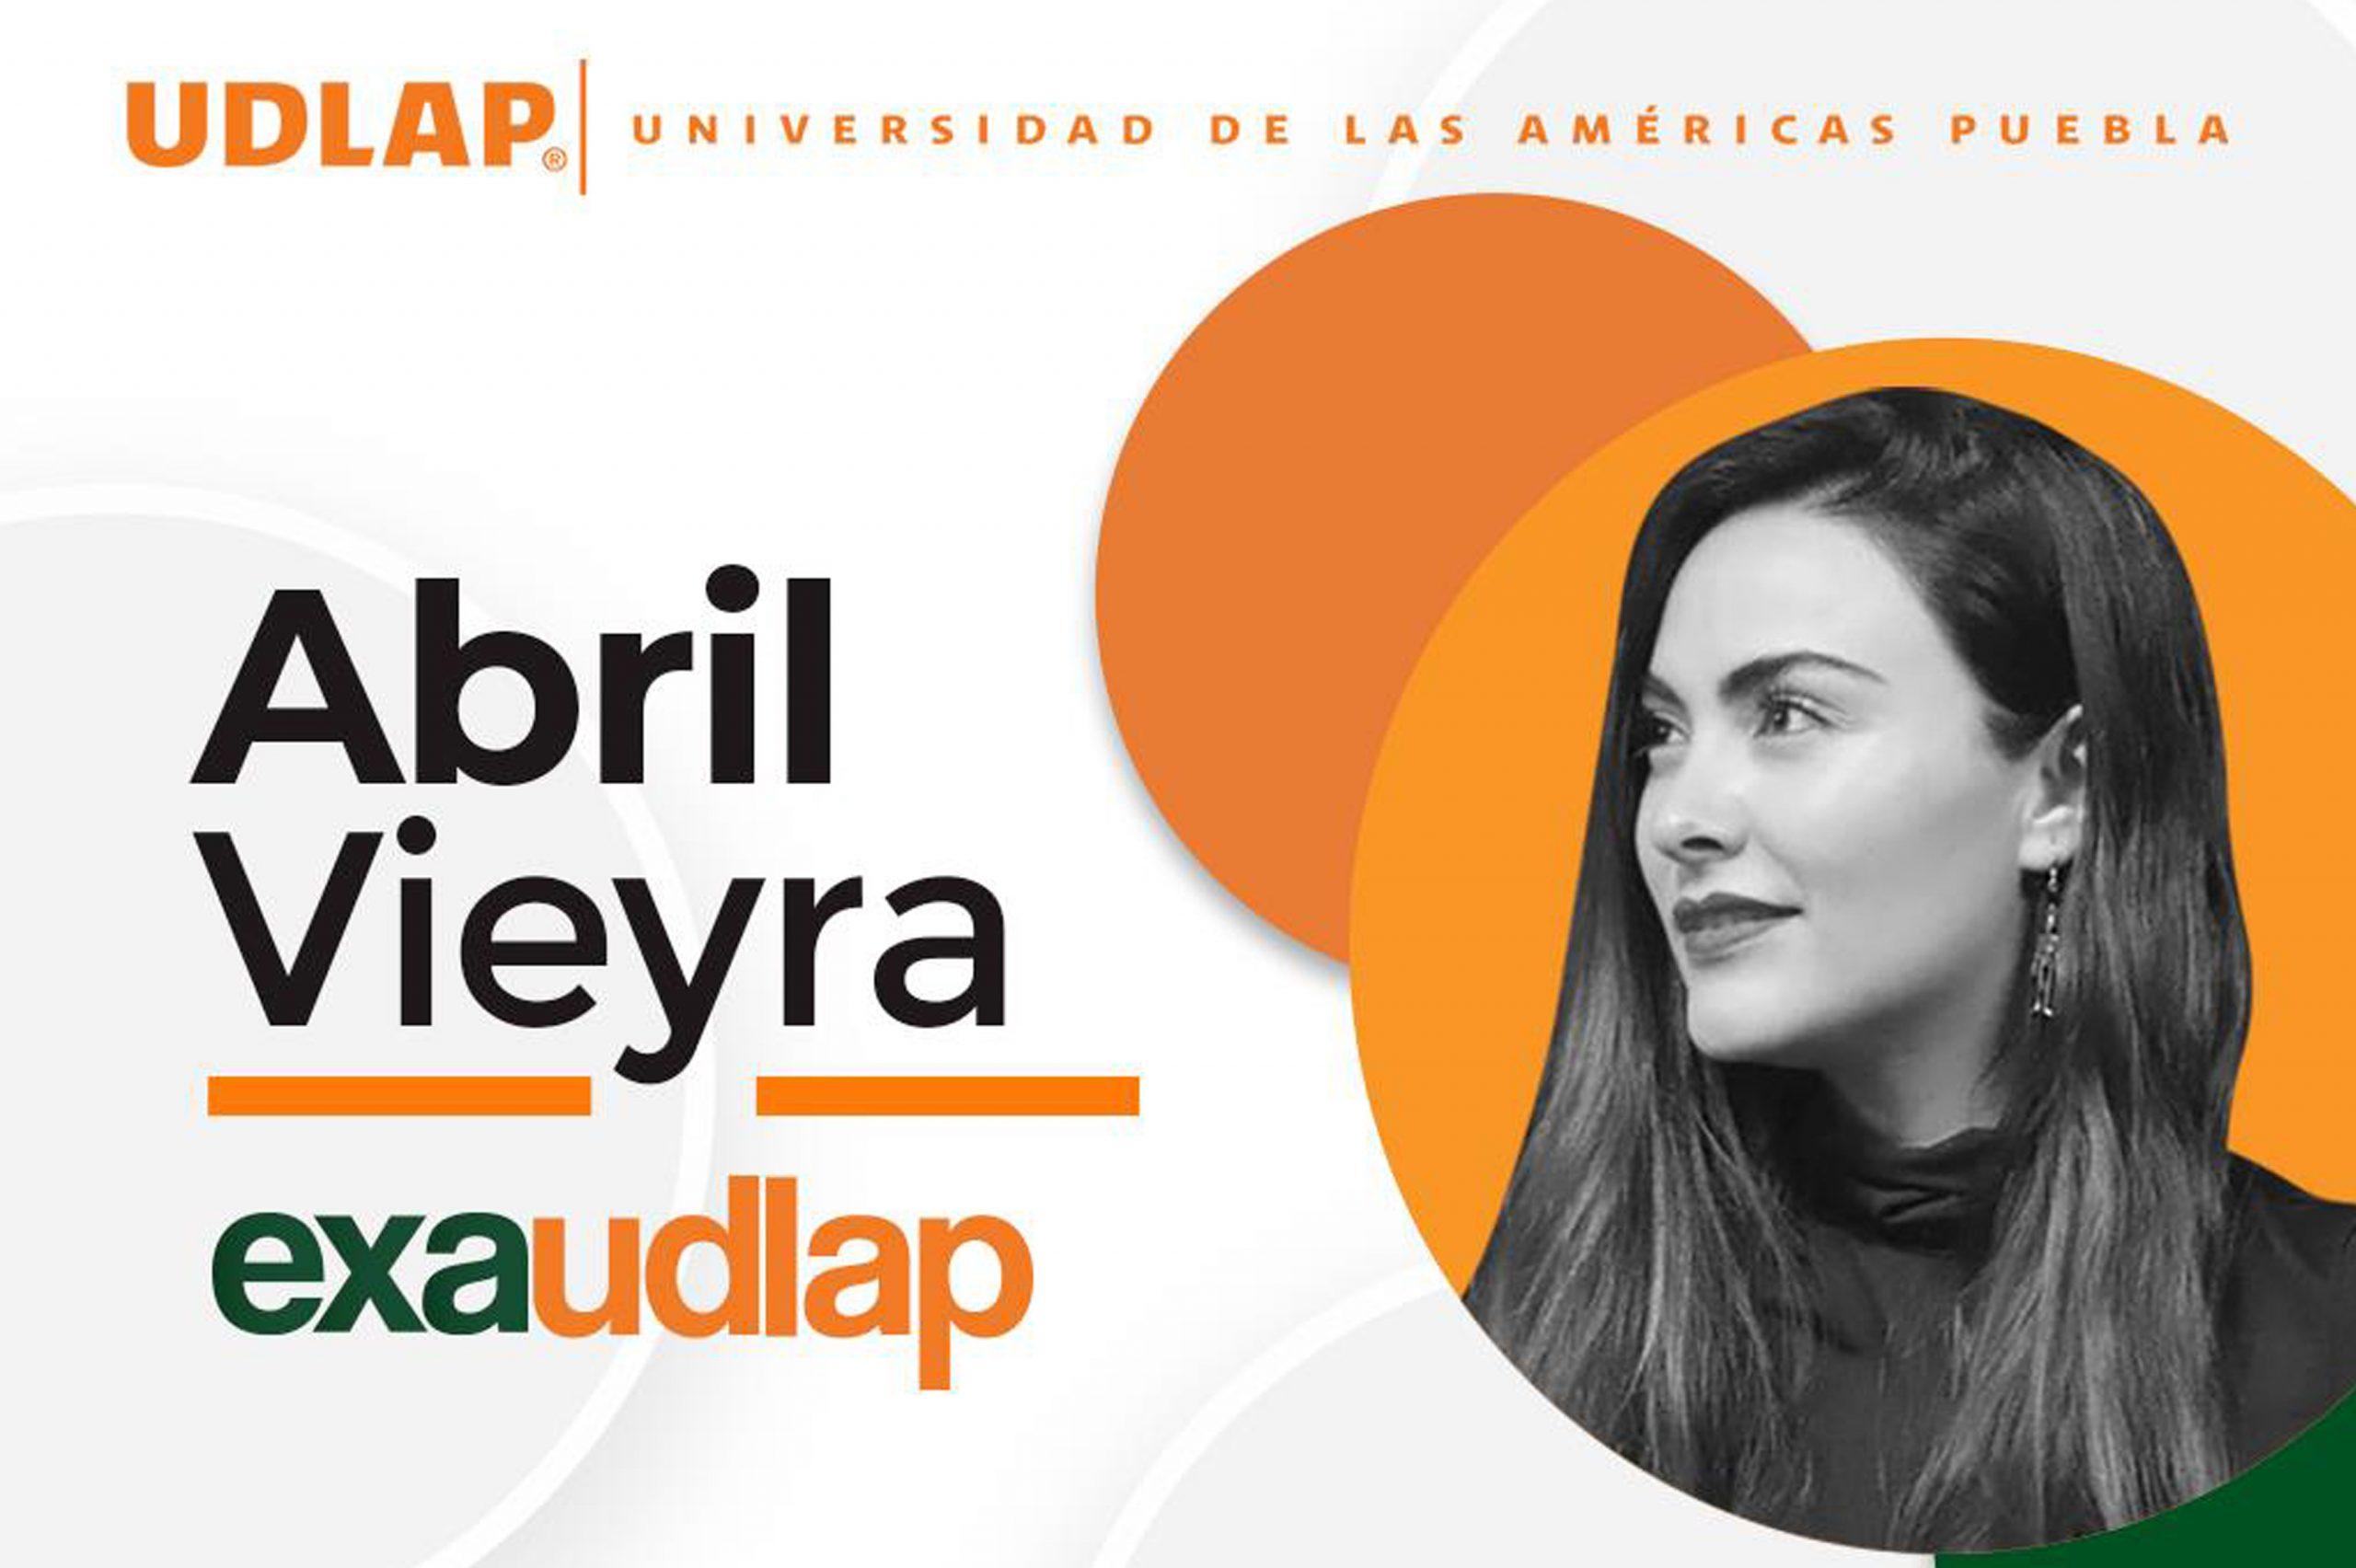 Egresada UDLAP una de las cinco emprendedoras mexicanas más importantes durante la pandemia